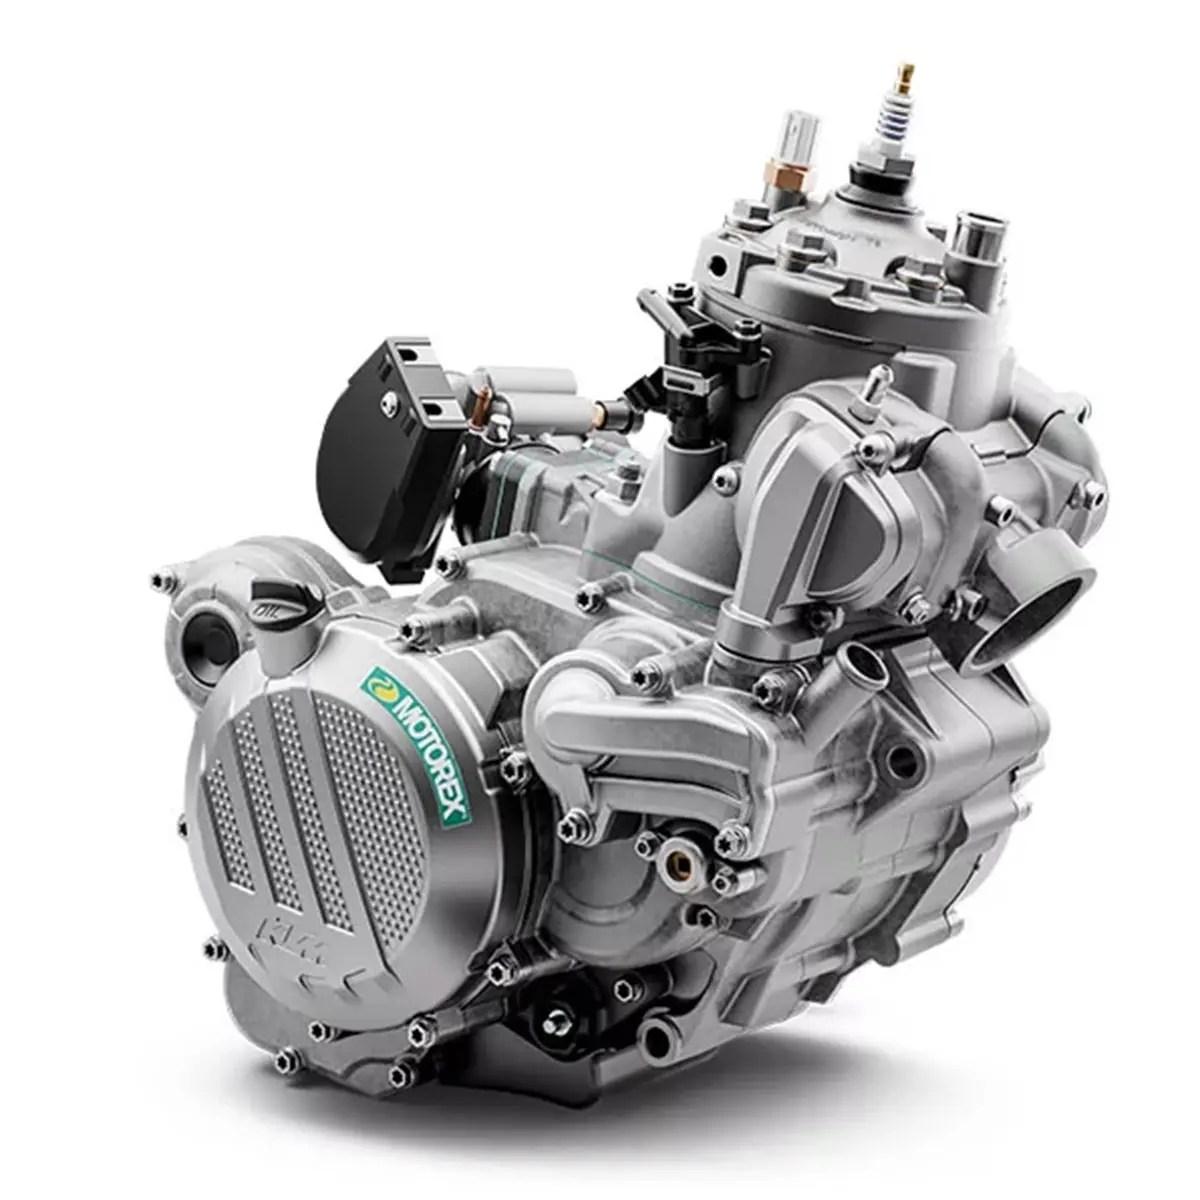 MOTEUR-KTM-300-EXC-TPI-SIX-DAYS-2020